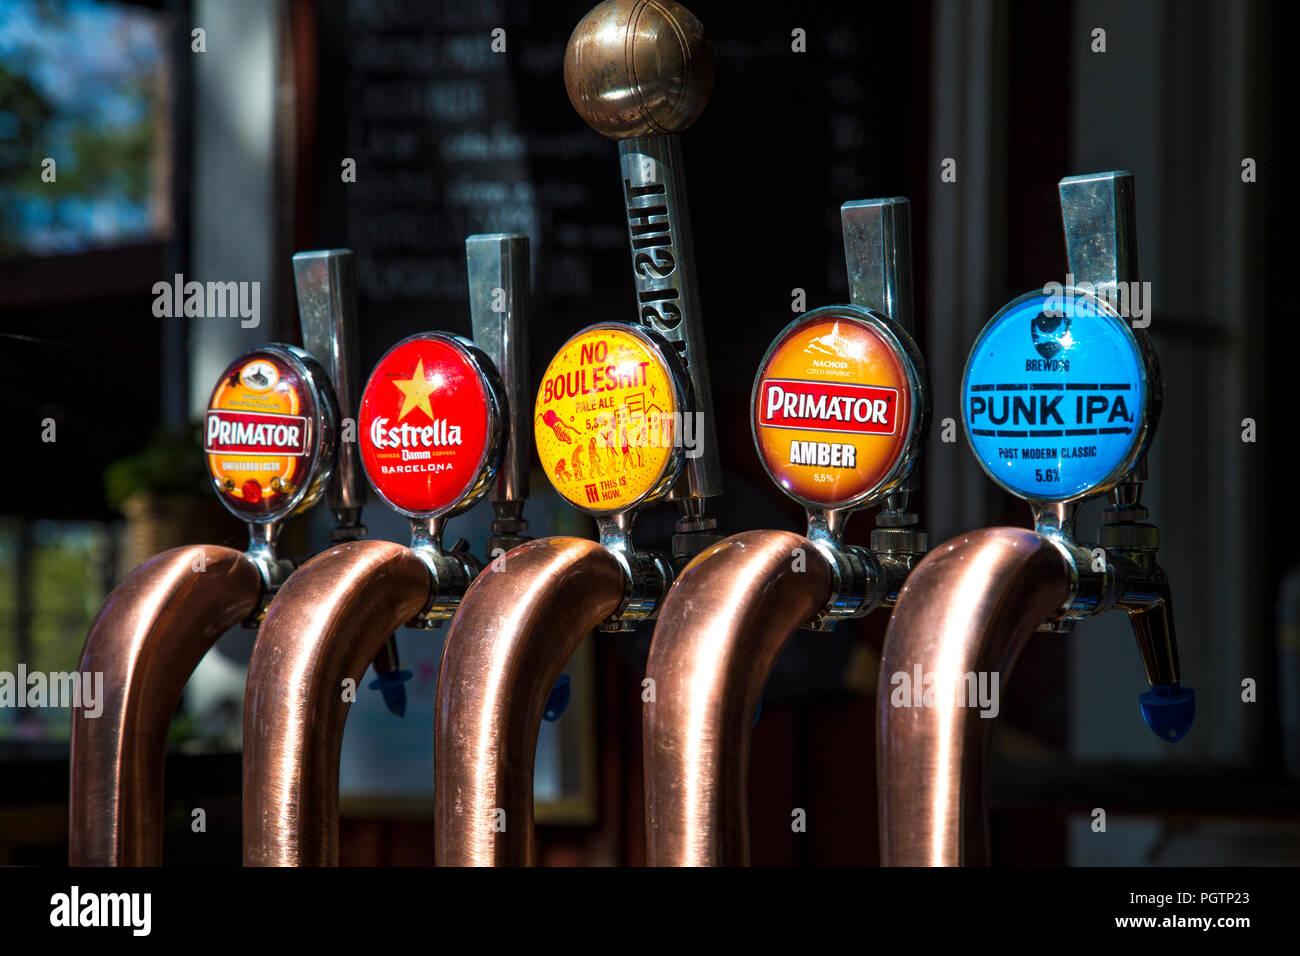 Bar Taps Stock Photos & Bar Taps Stock Images - Page 3 - Alamy